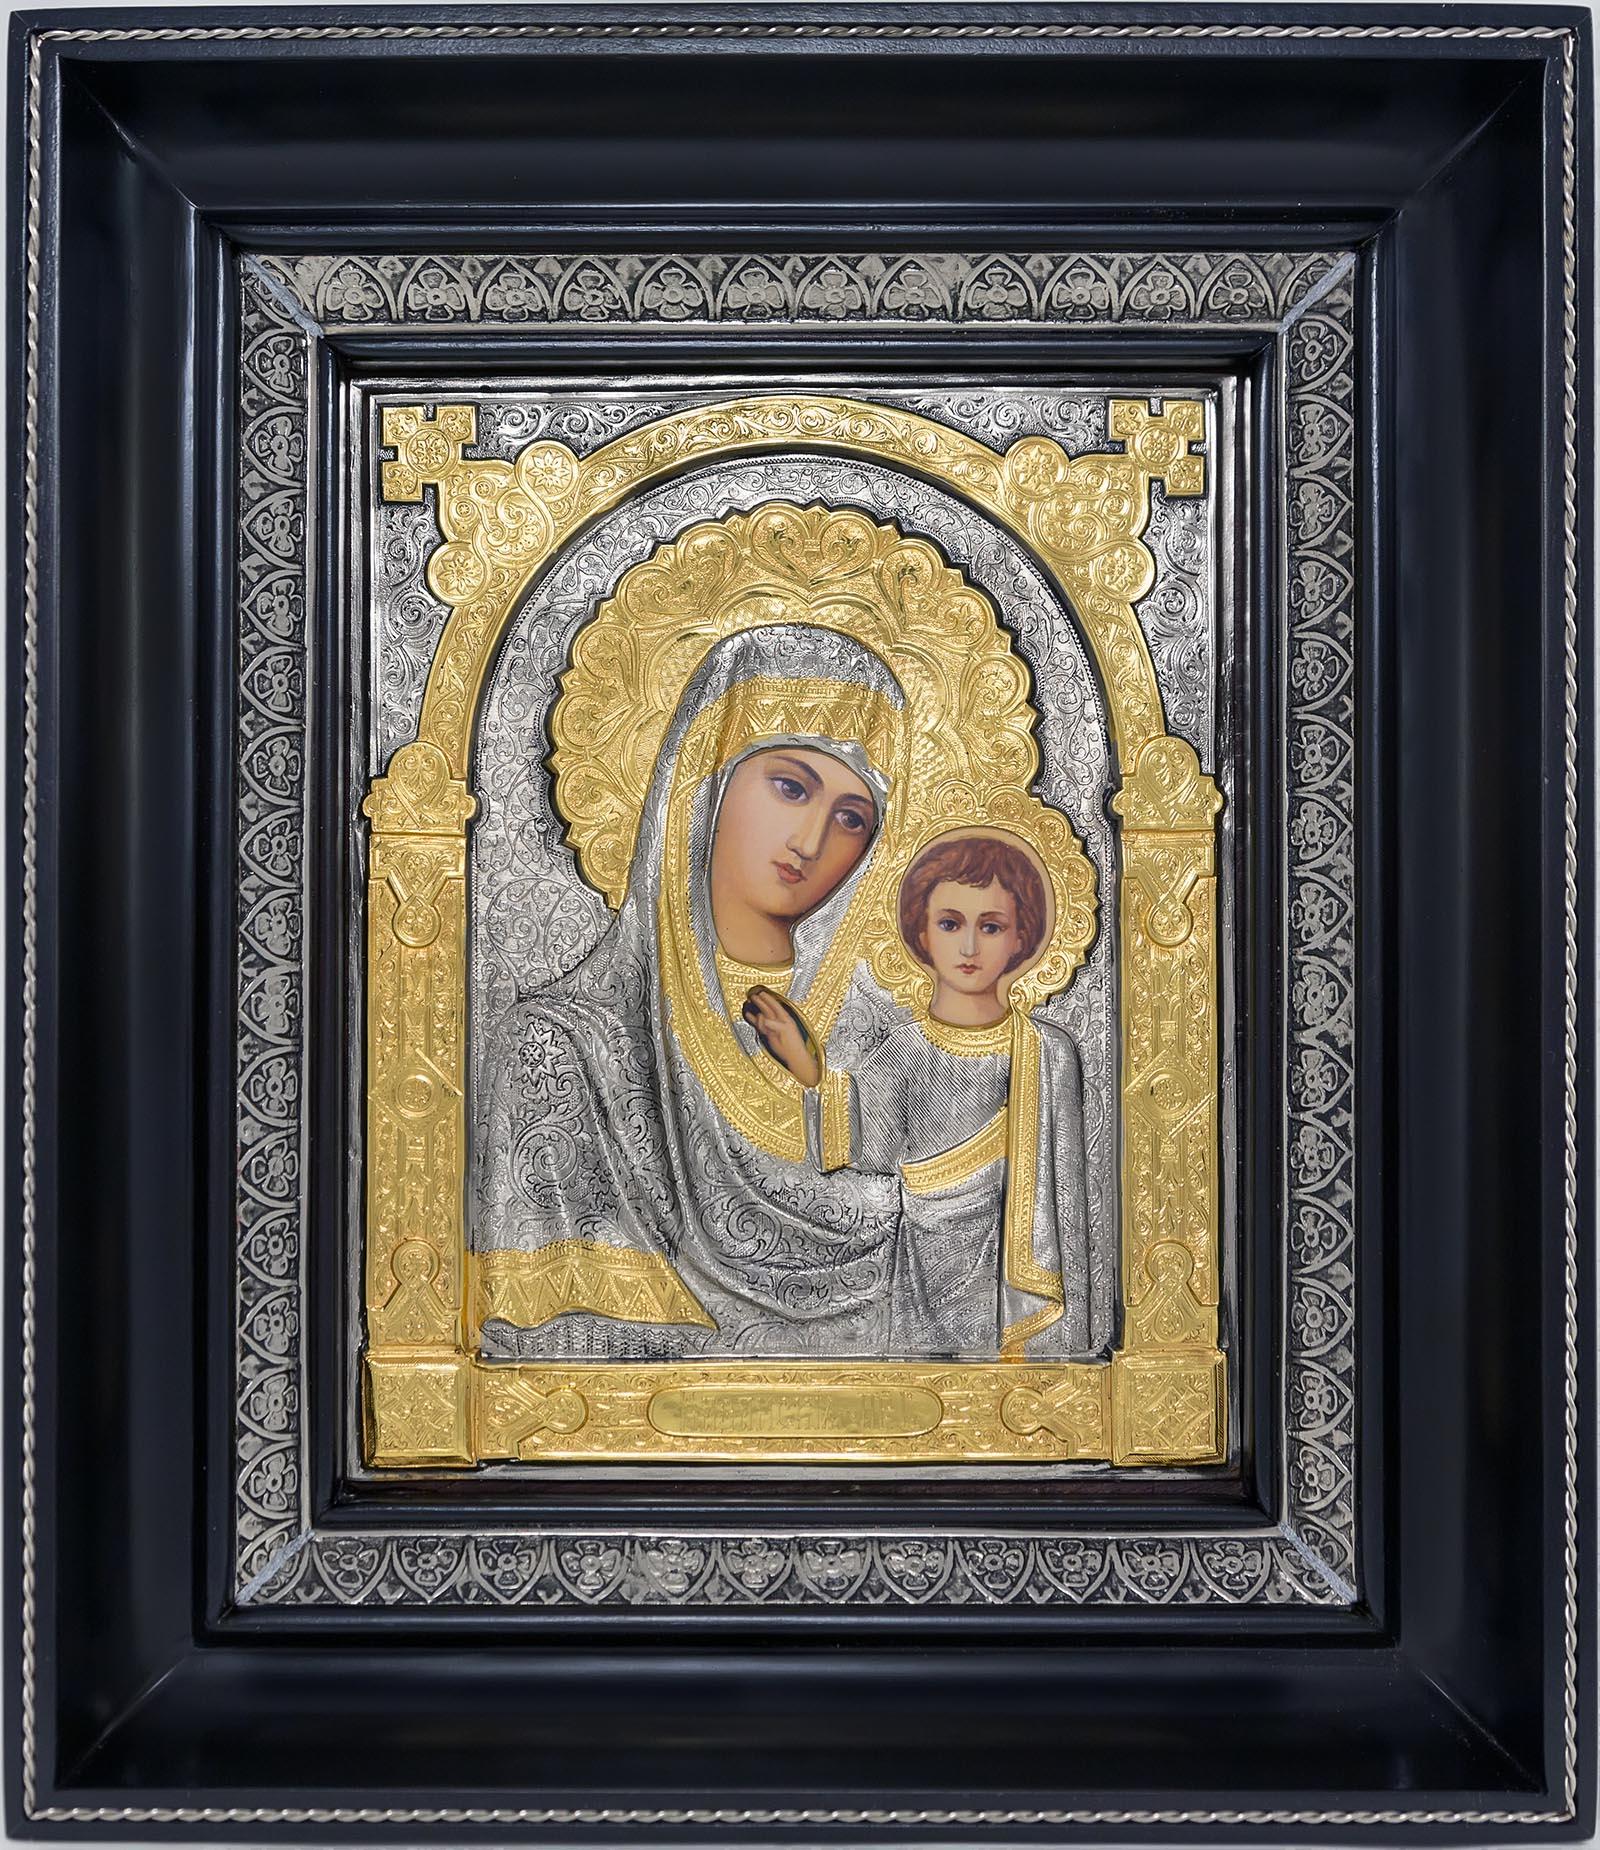 фото Казанская икона Божией Матери гальванопластика золото серебро деревянная рамка